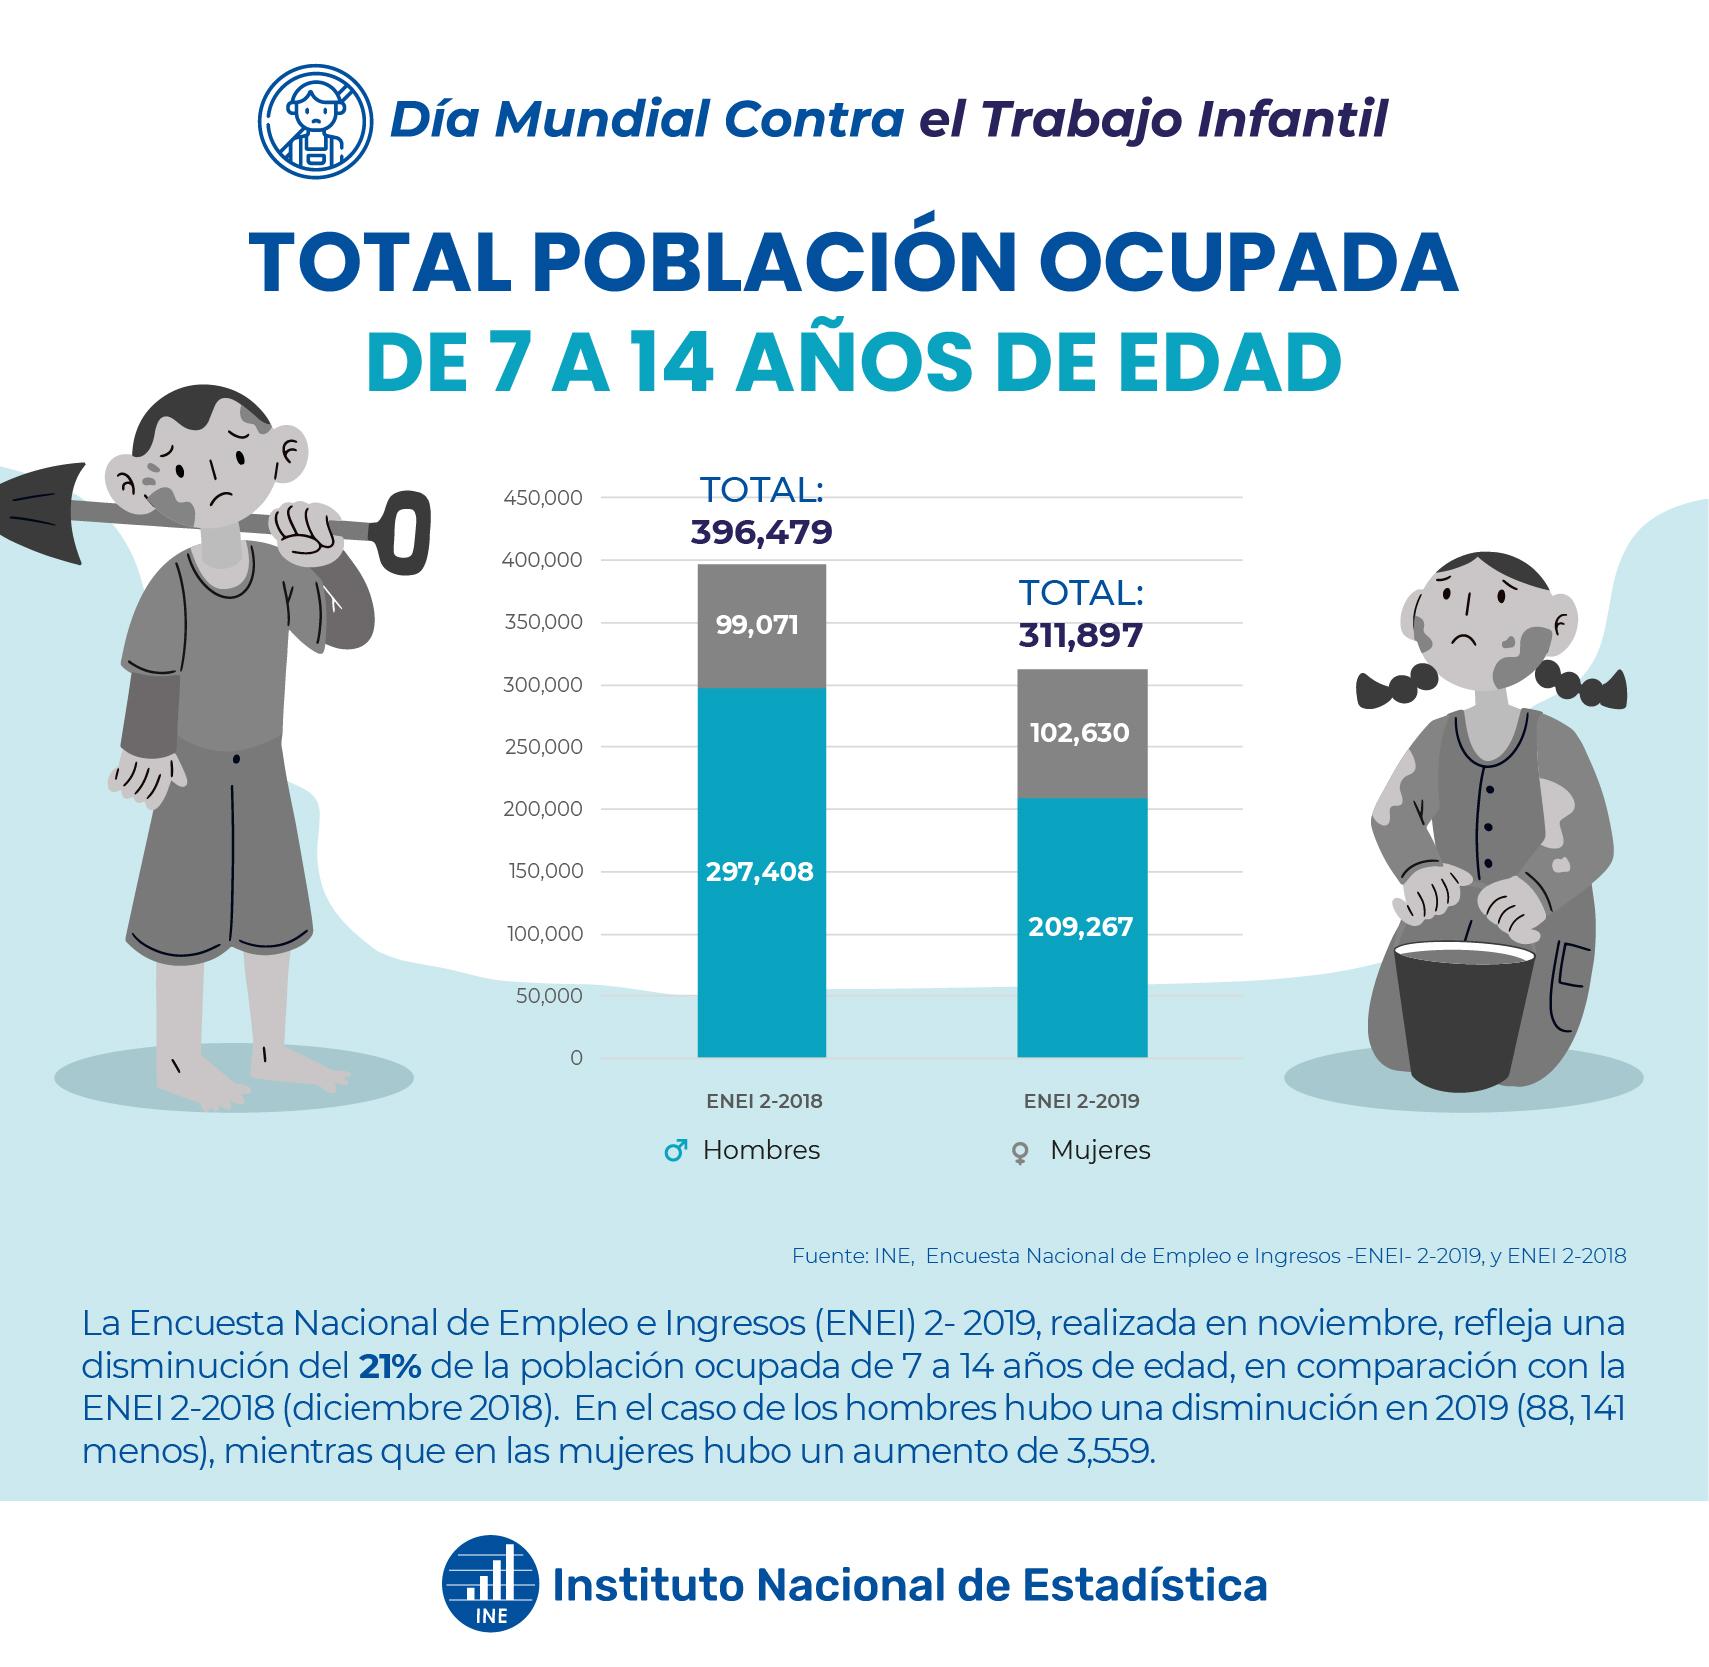 Total población ocupada de 7 a 14 años